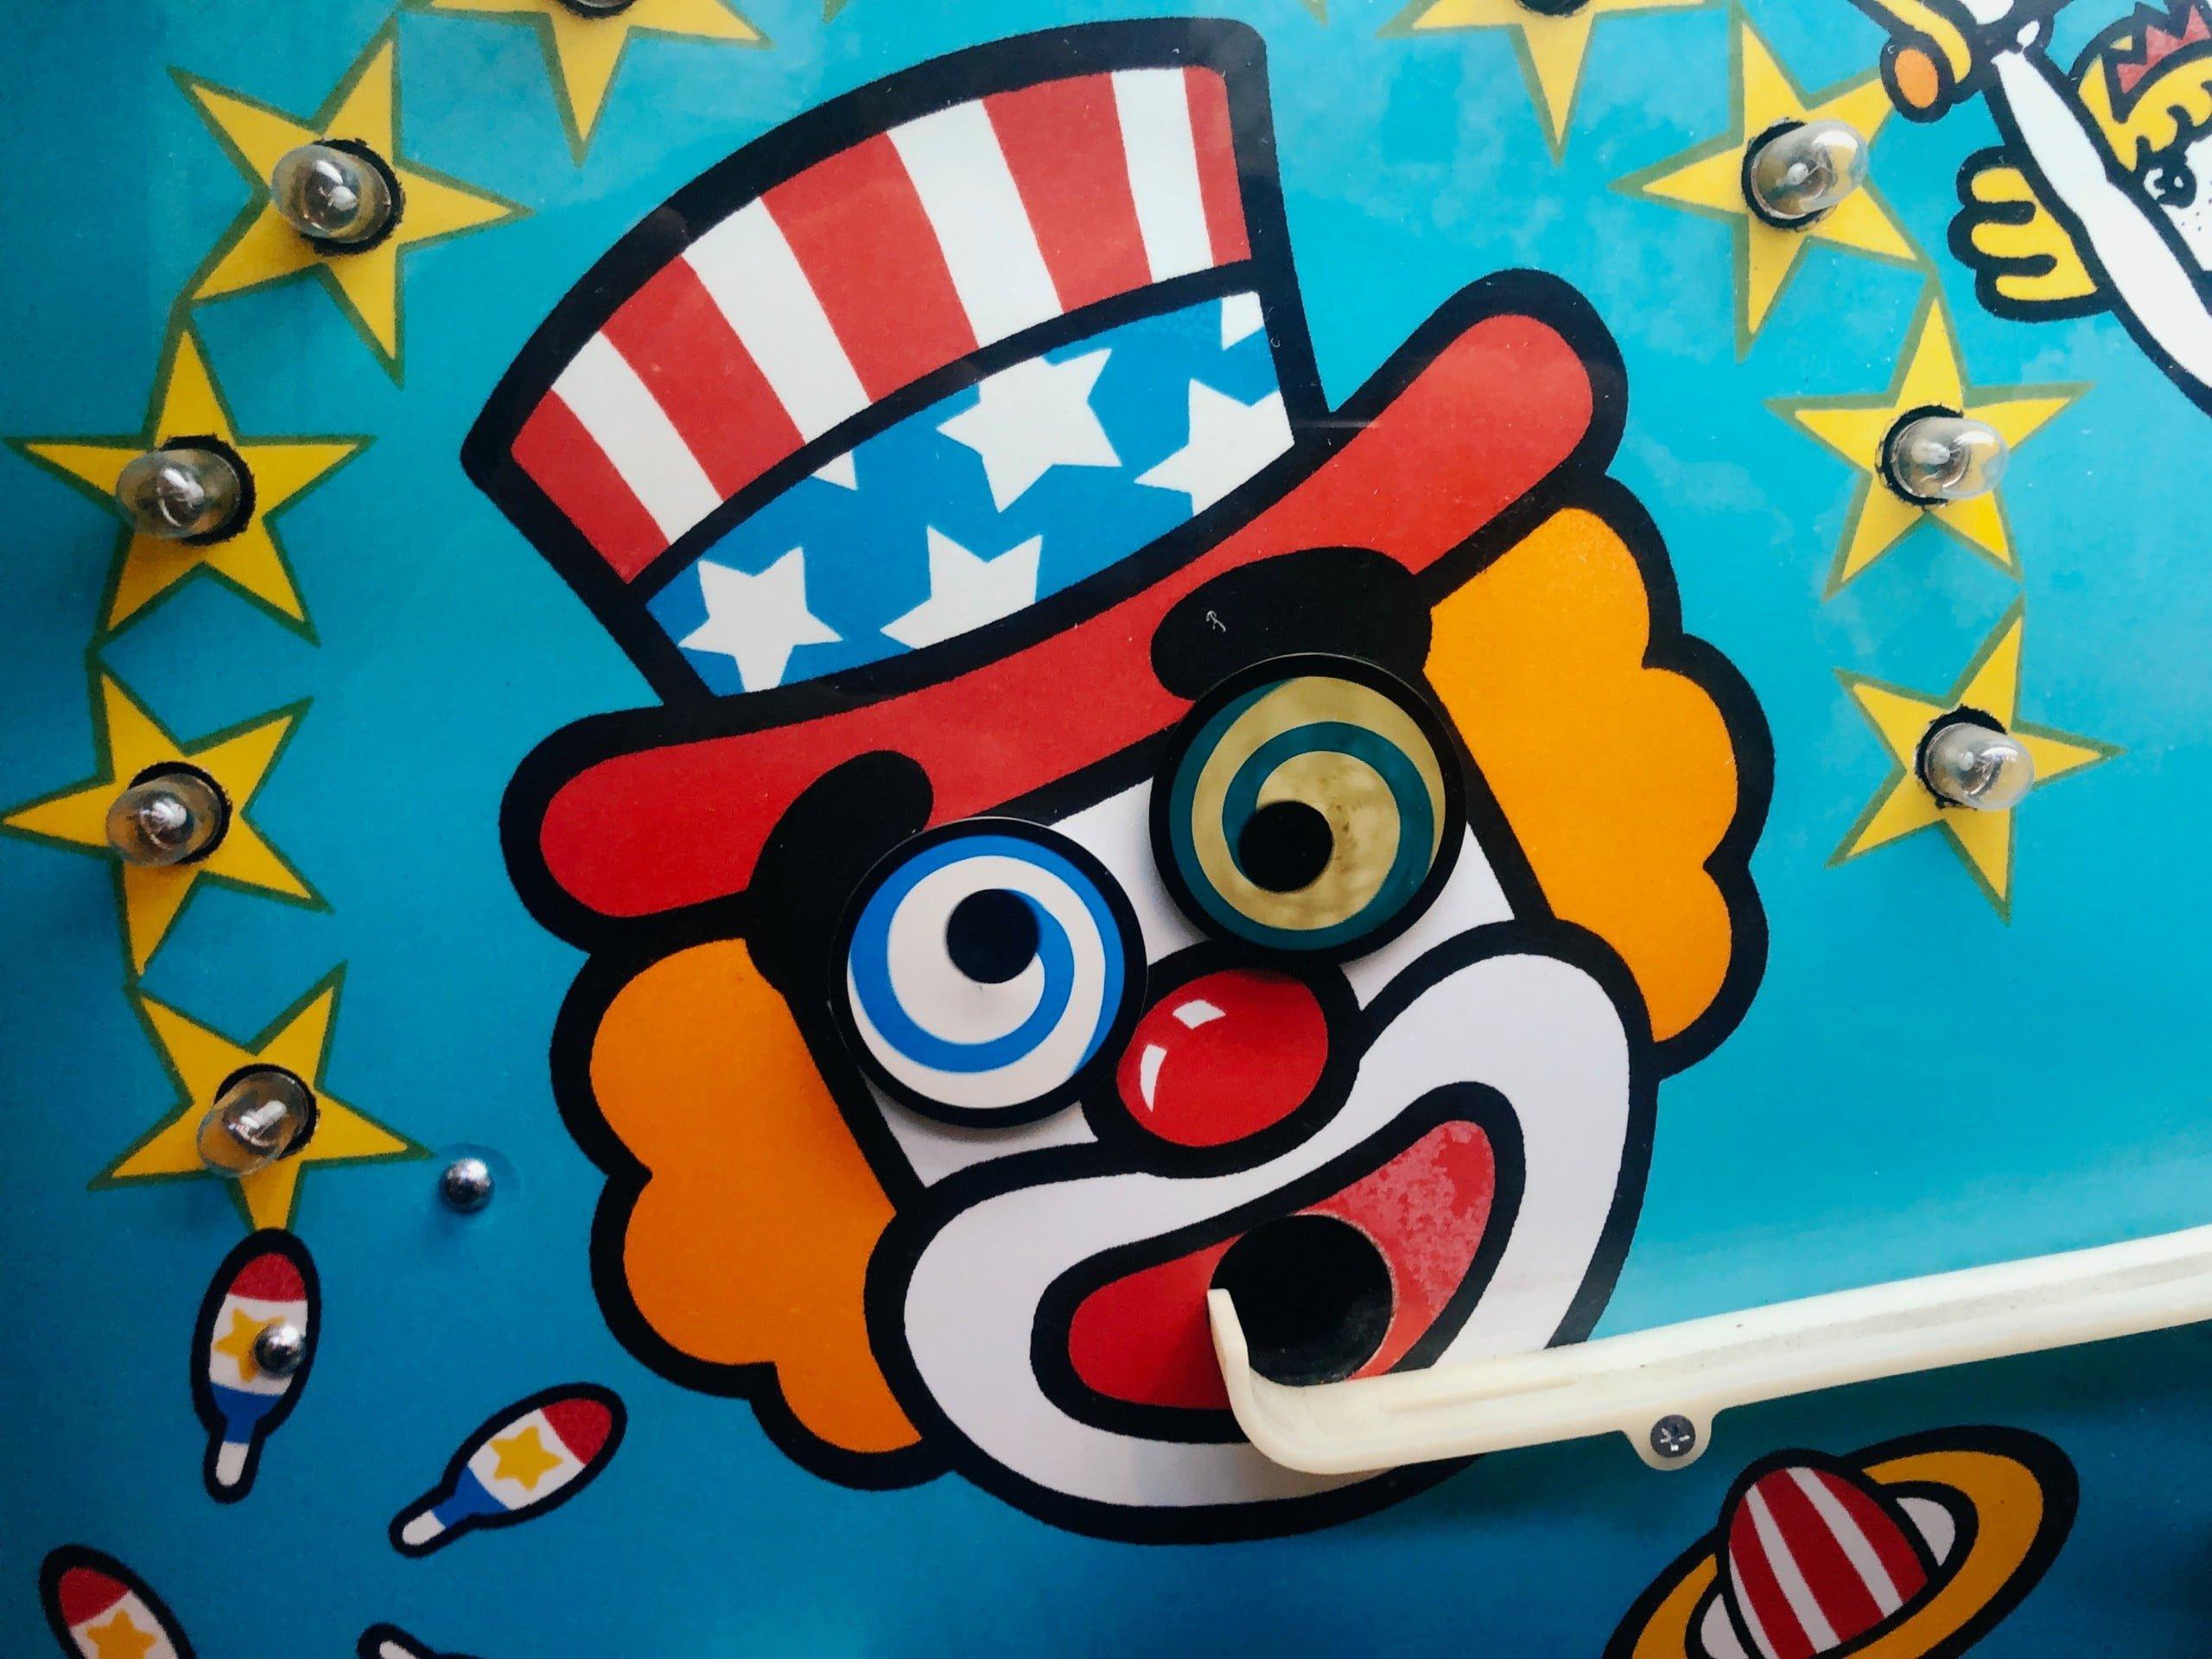 clown arcade game